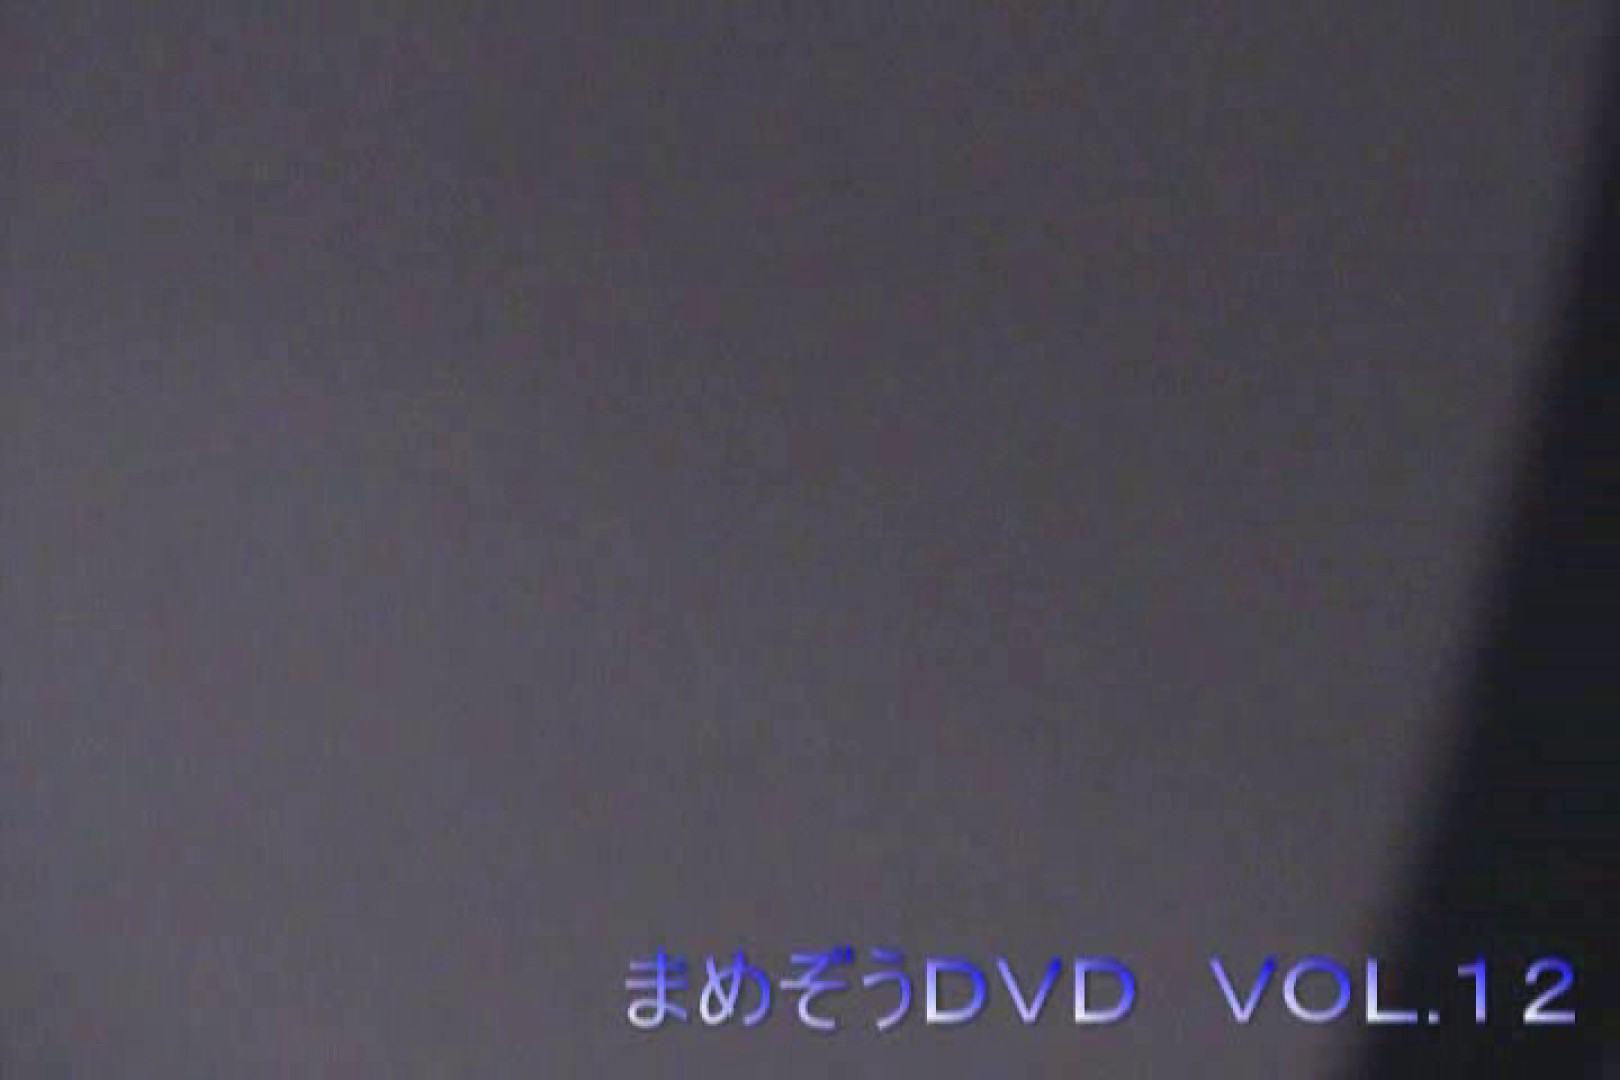 まめぞうDVD完全版VOL.12 ギャルズ  83画像 48